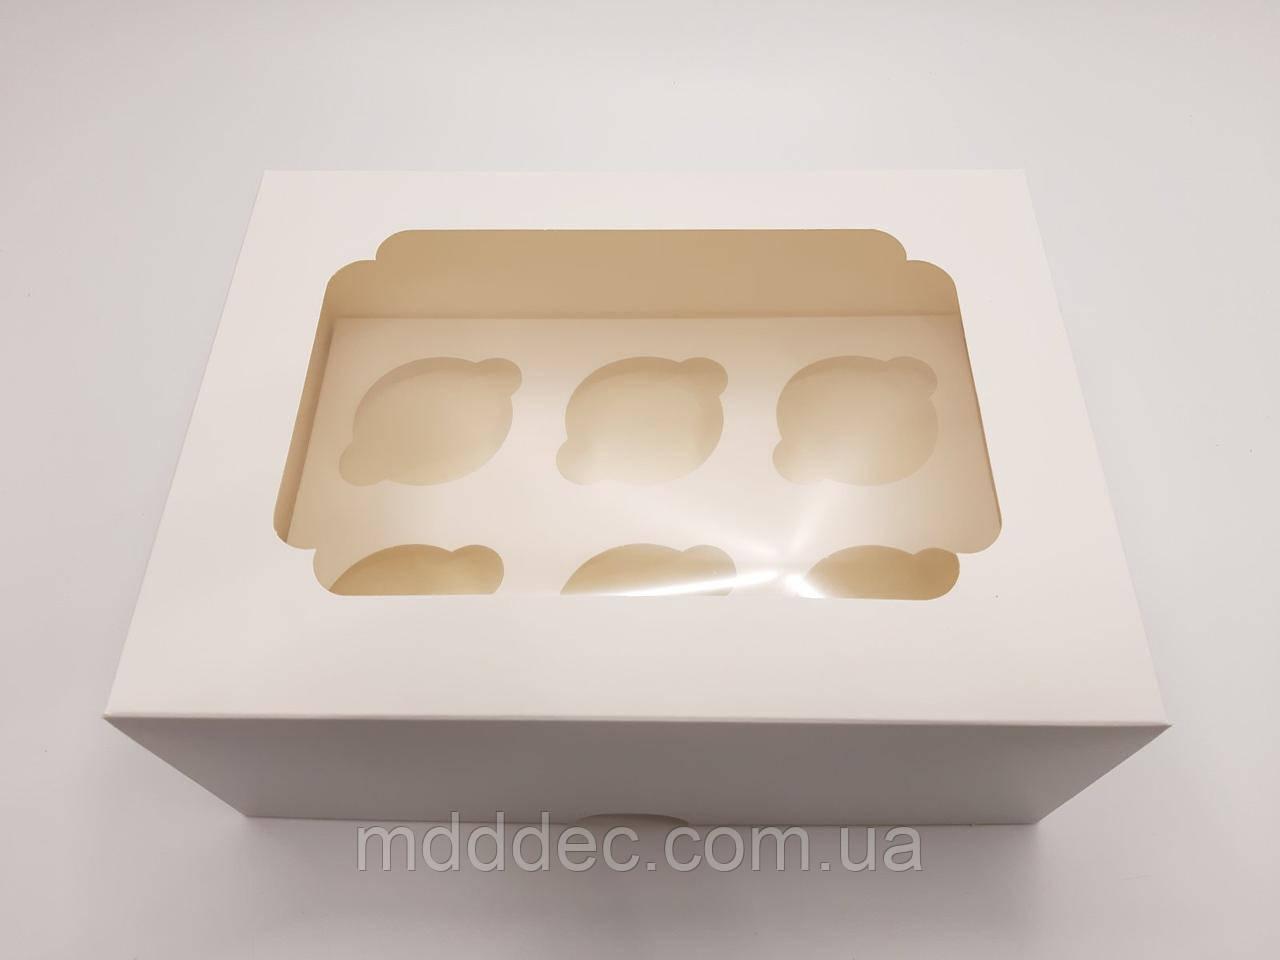 Коробка для 6 кексов Белая